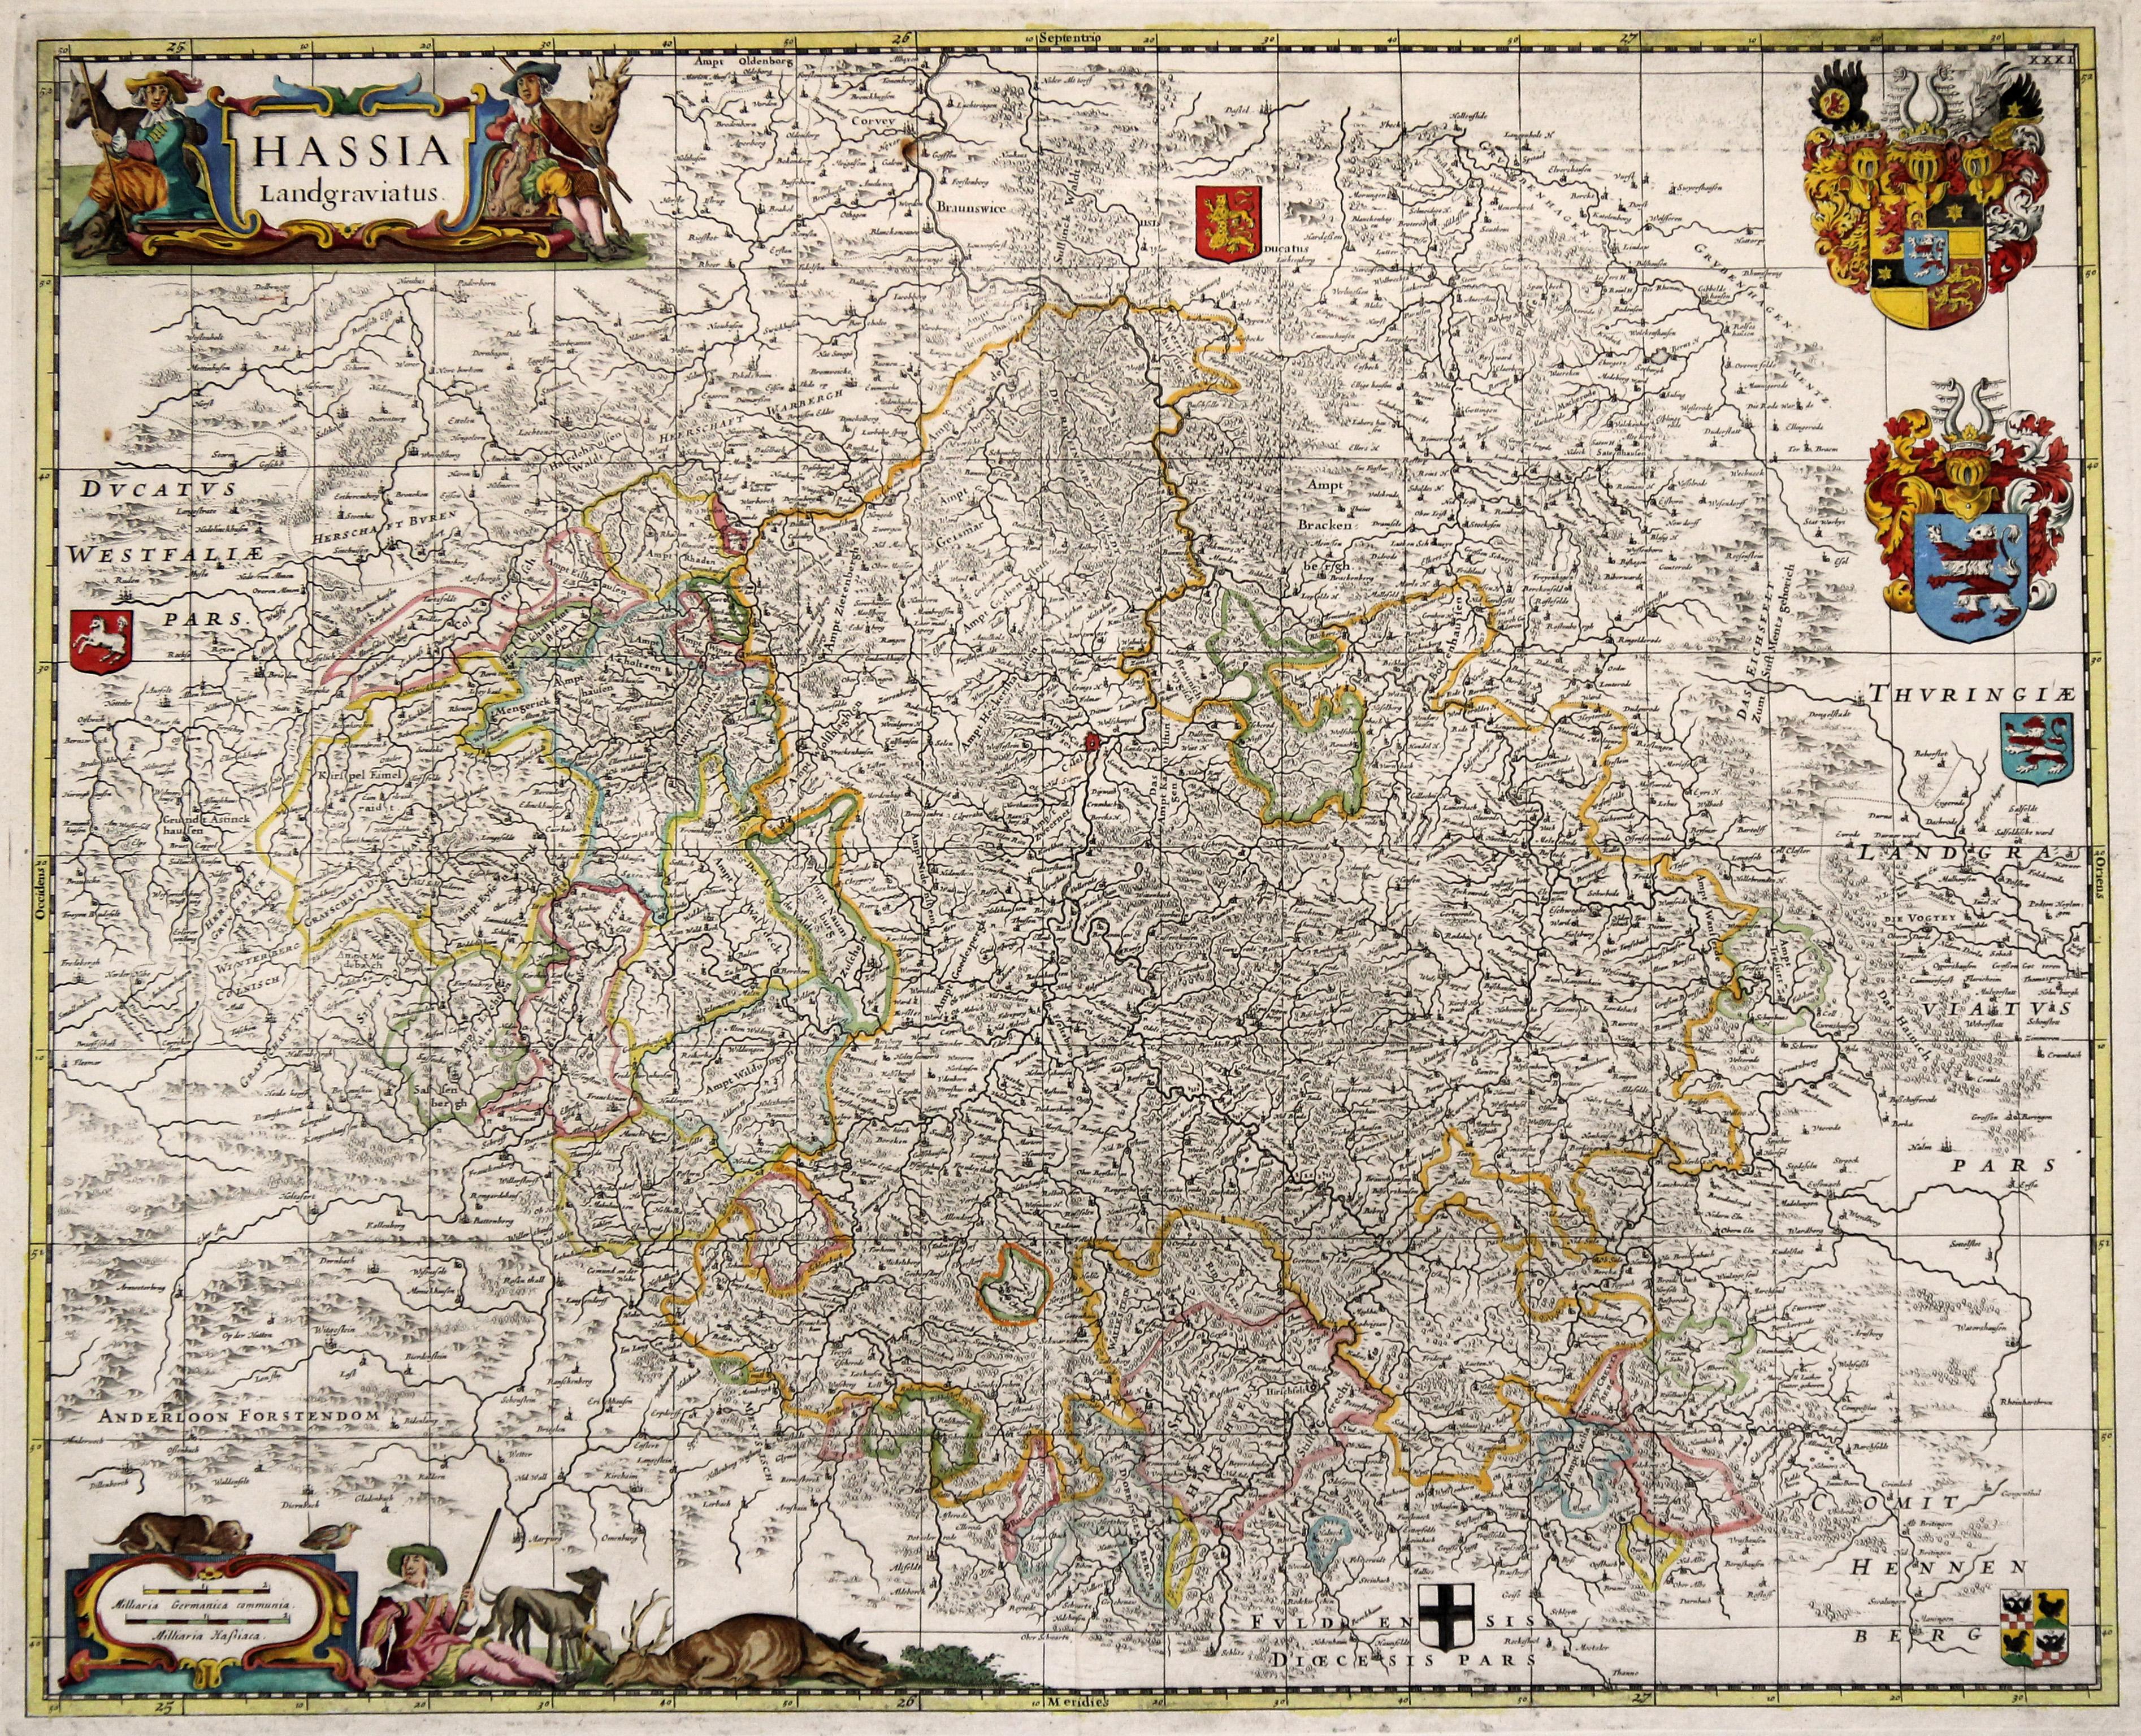 Kst.- Karte, b. J. Janssonius - Waesberge,: Nordhessen: